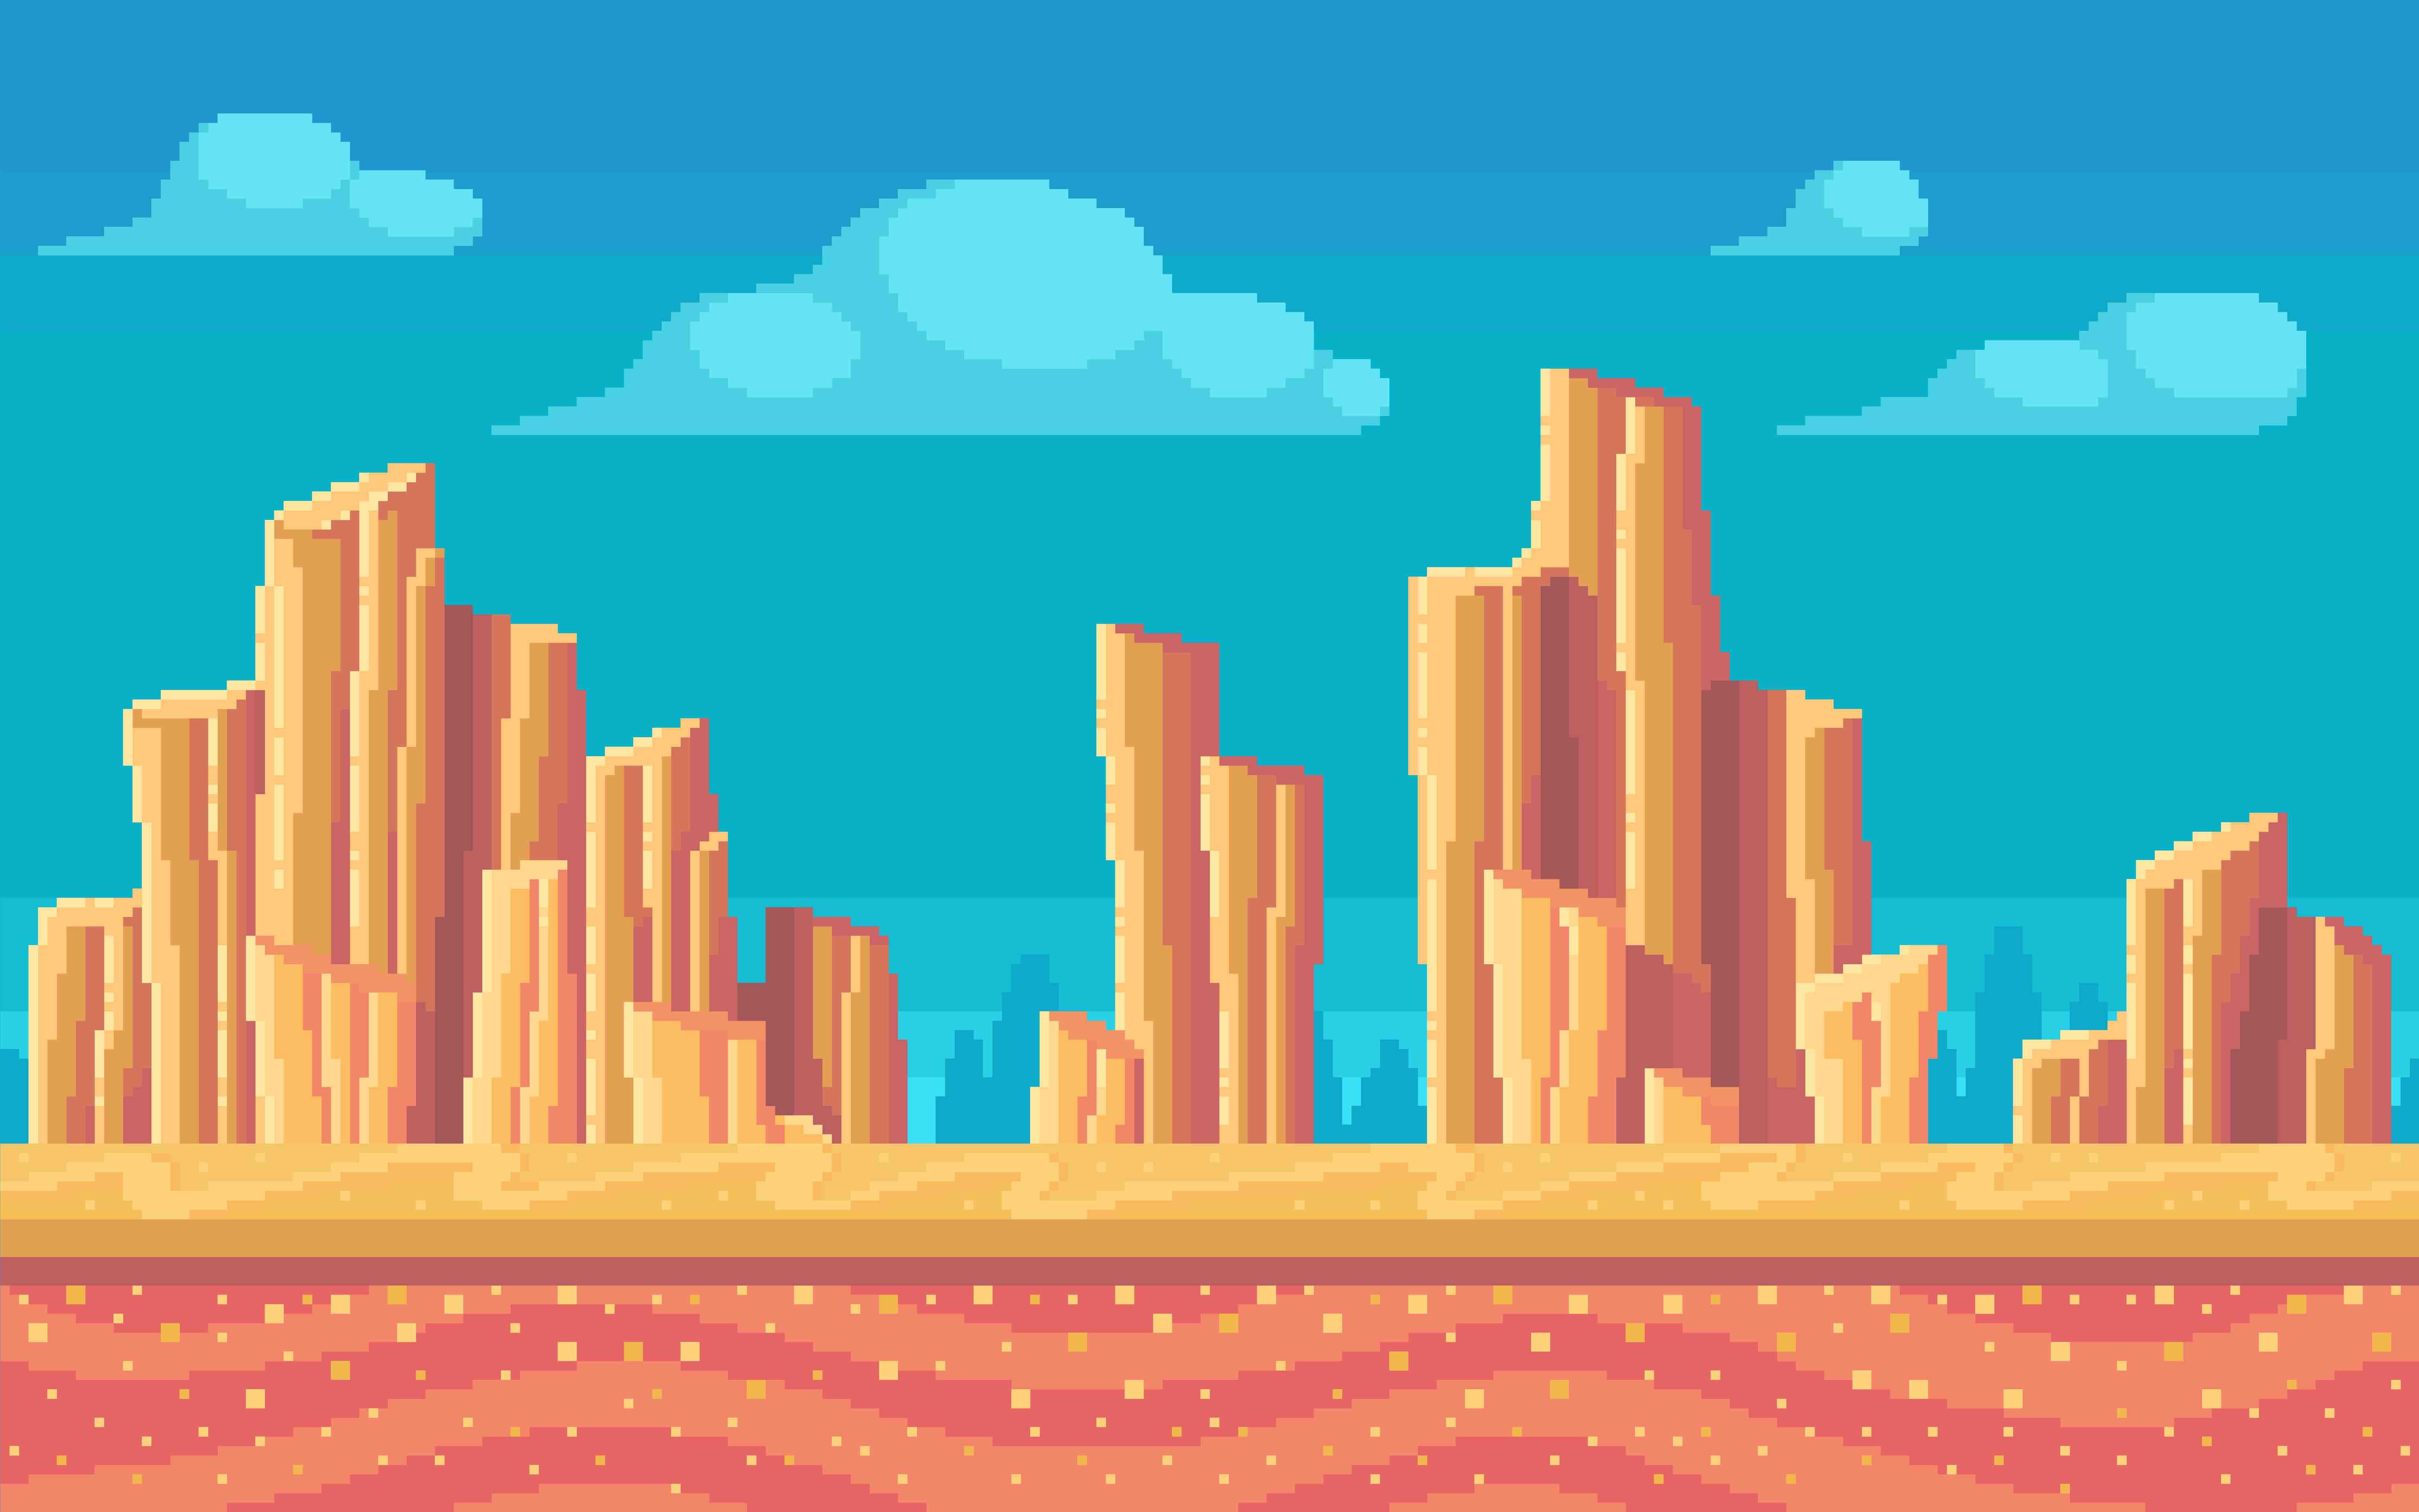 montagem de deserto pixelizada como em video games retrô